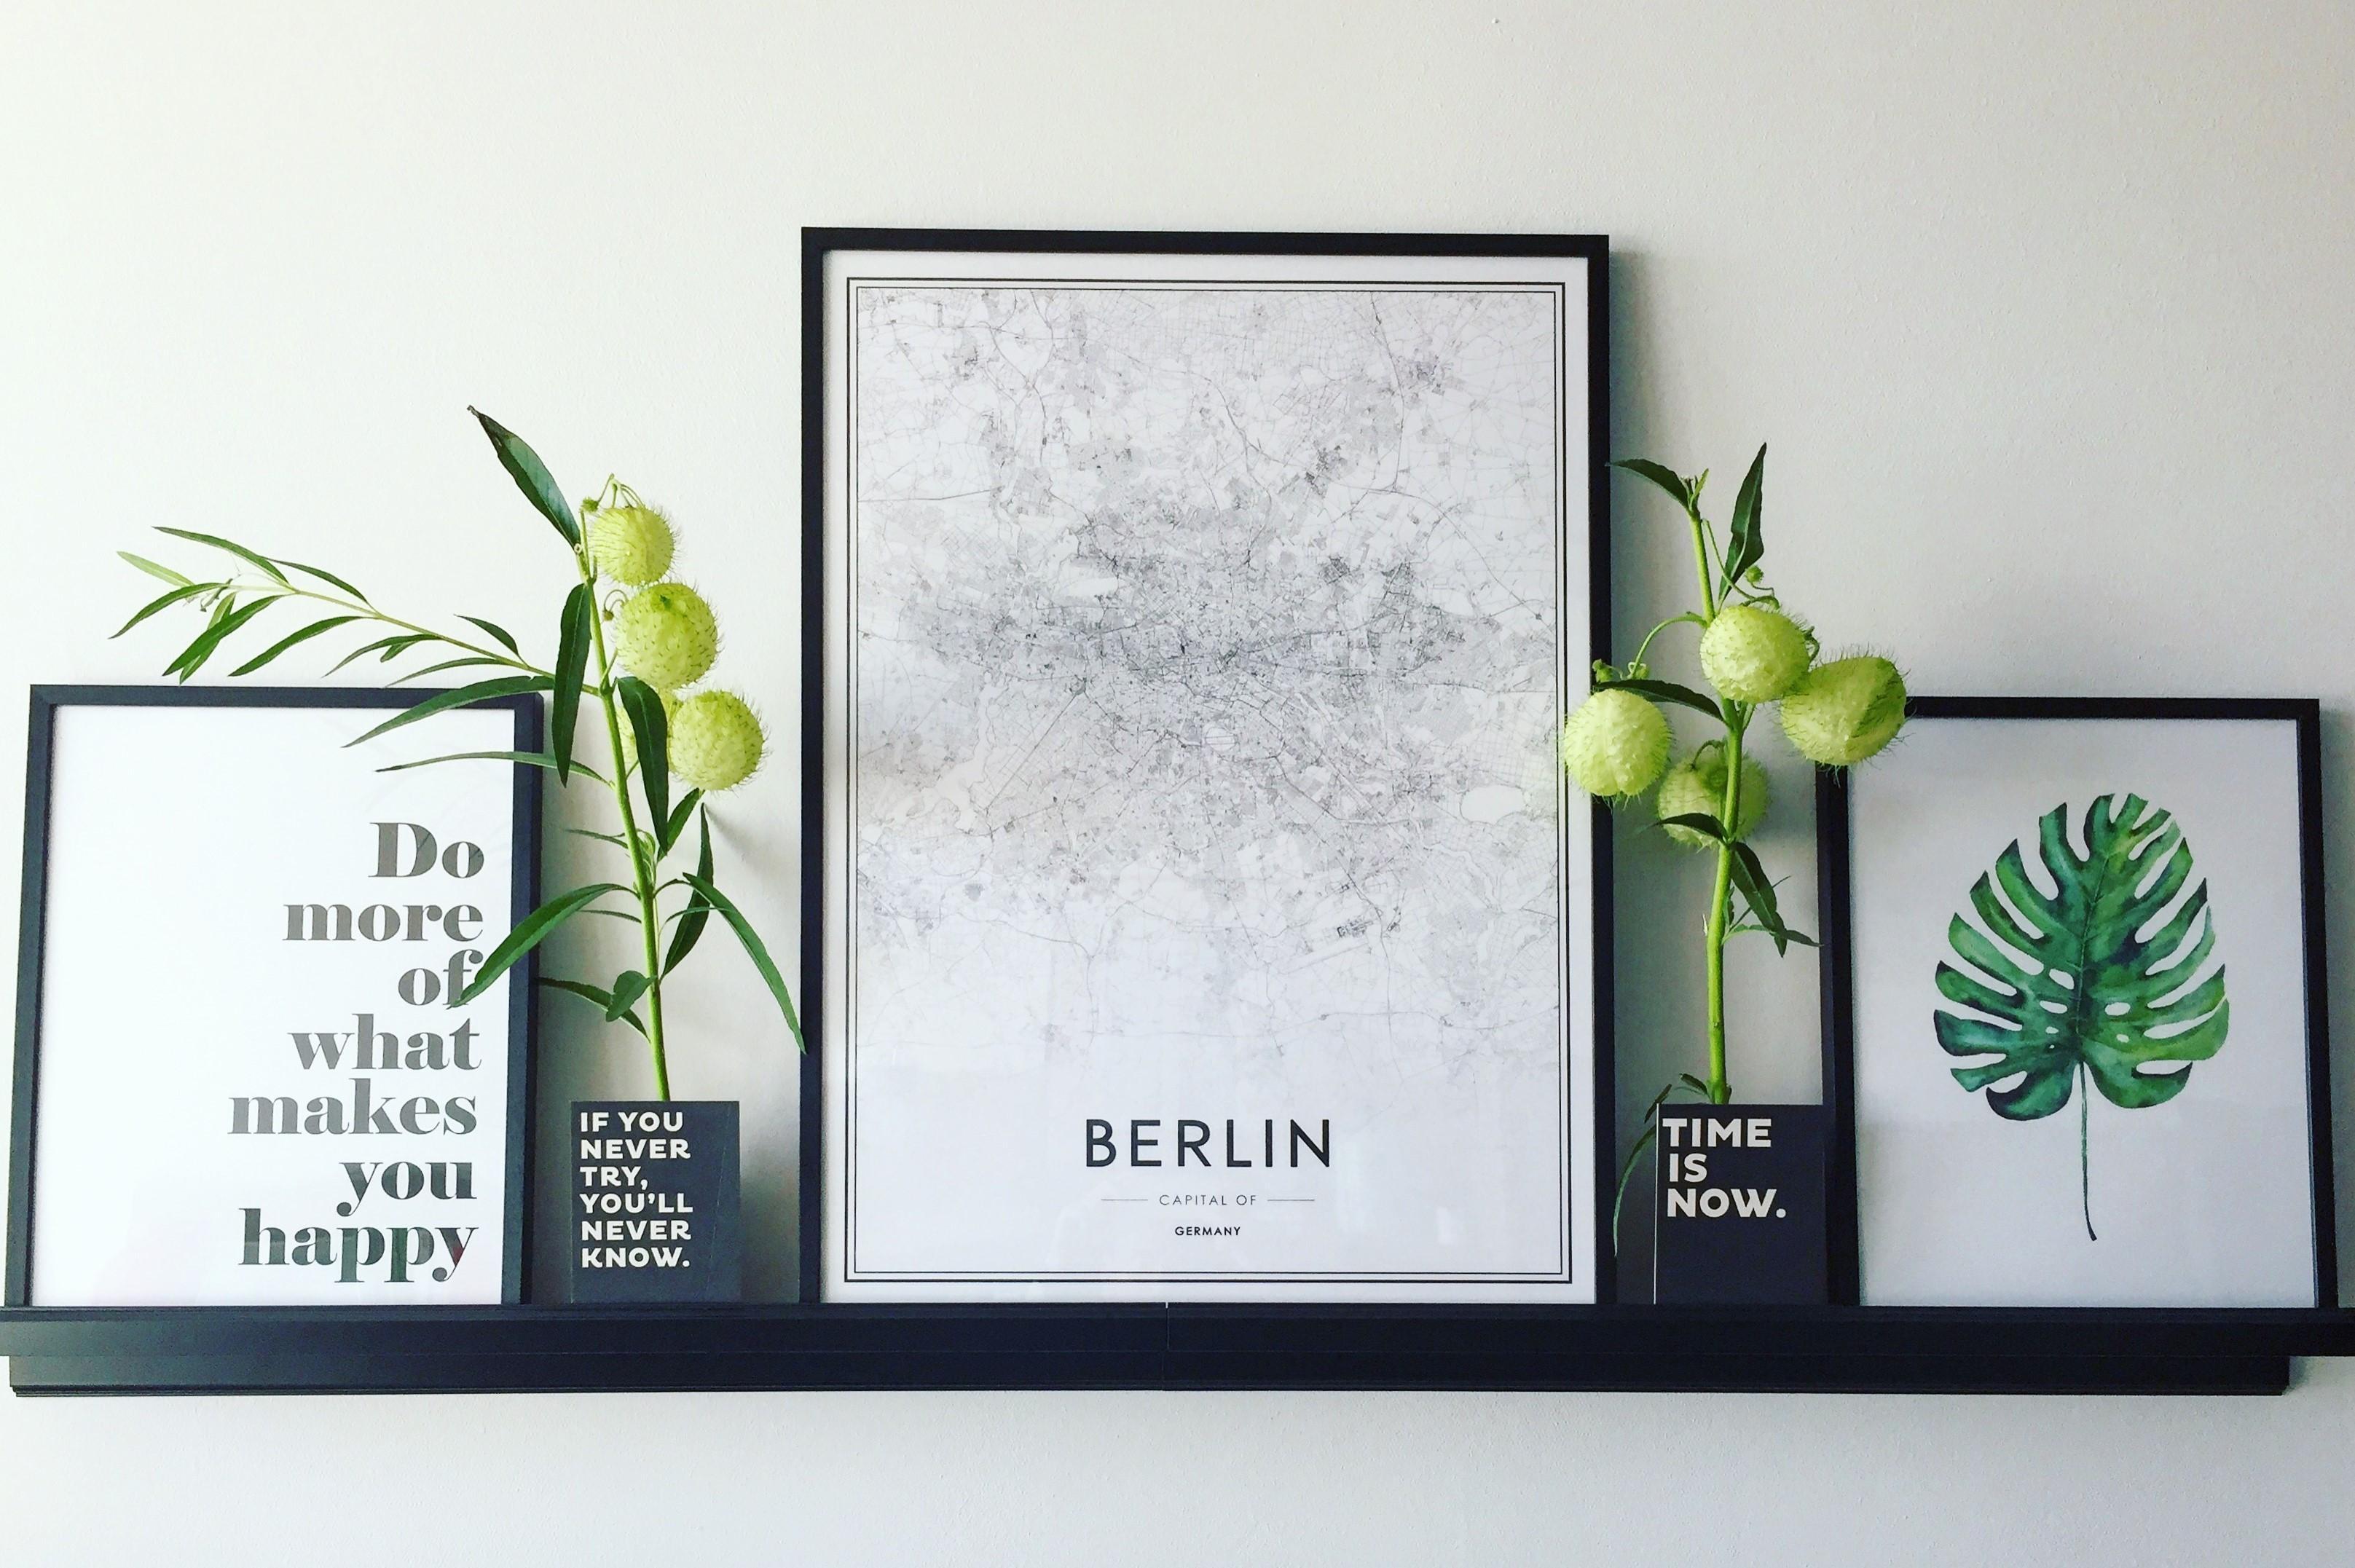 Bilderrahmen-Ideen: Lass dich inspirieren!